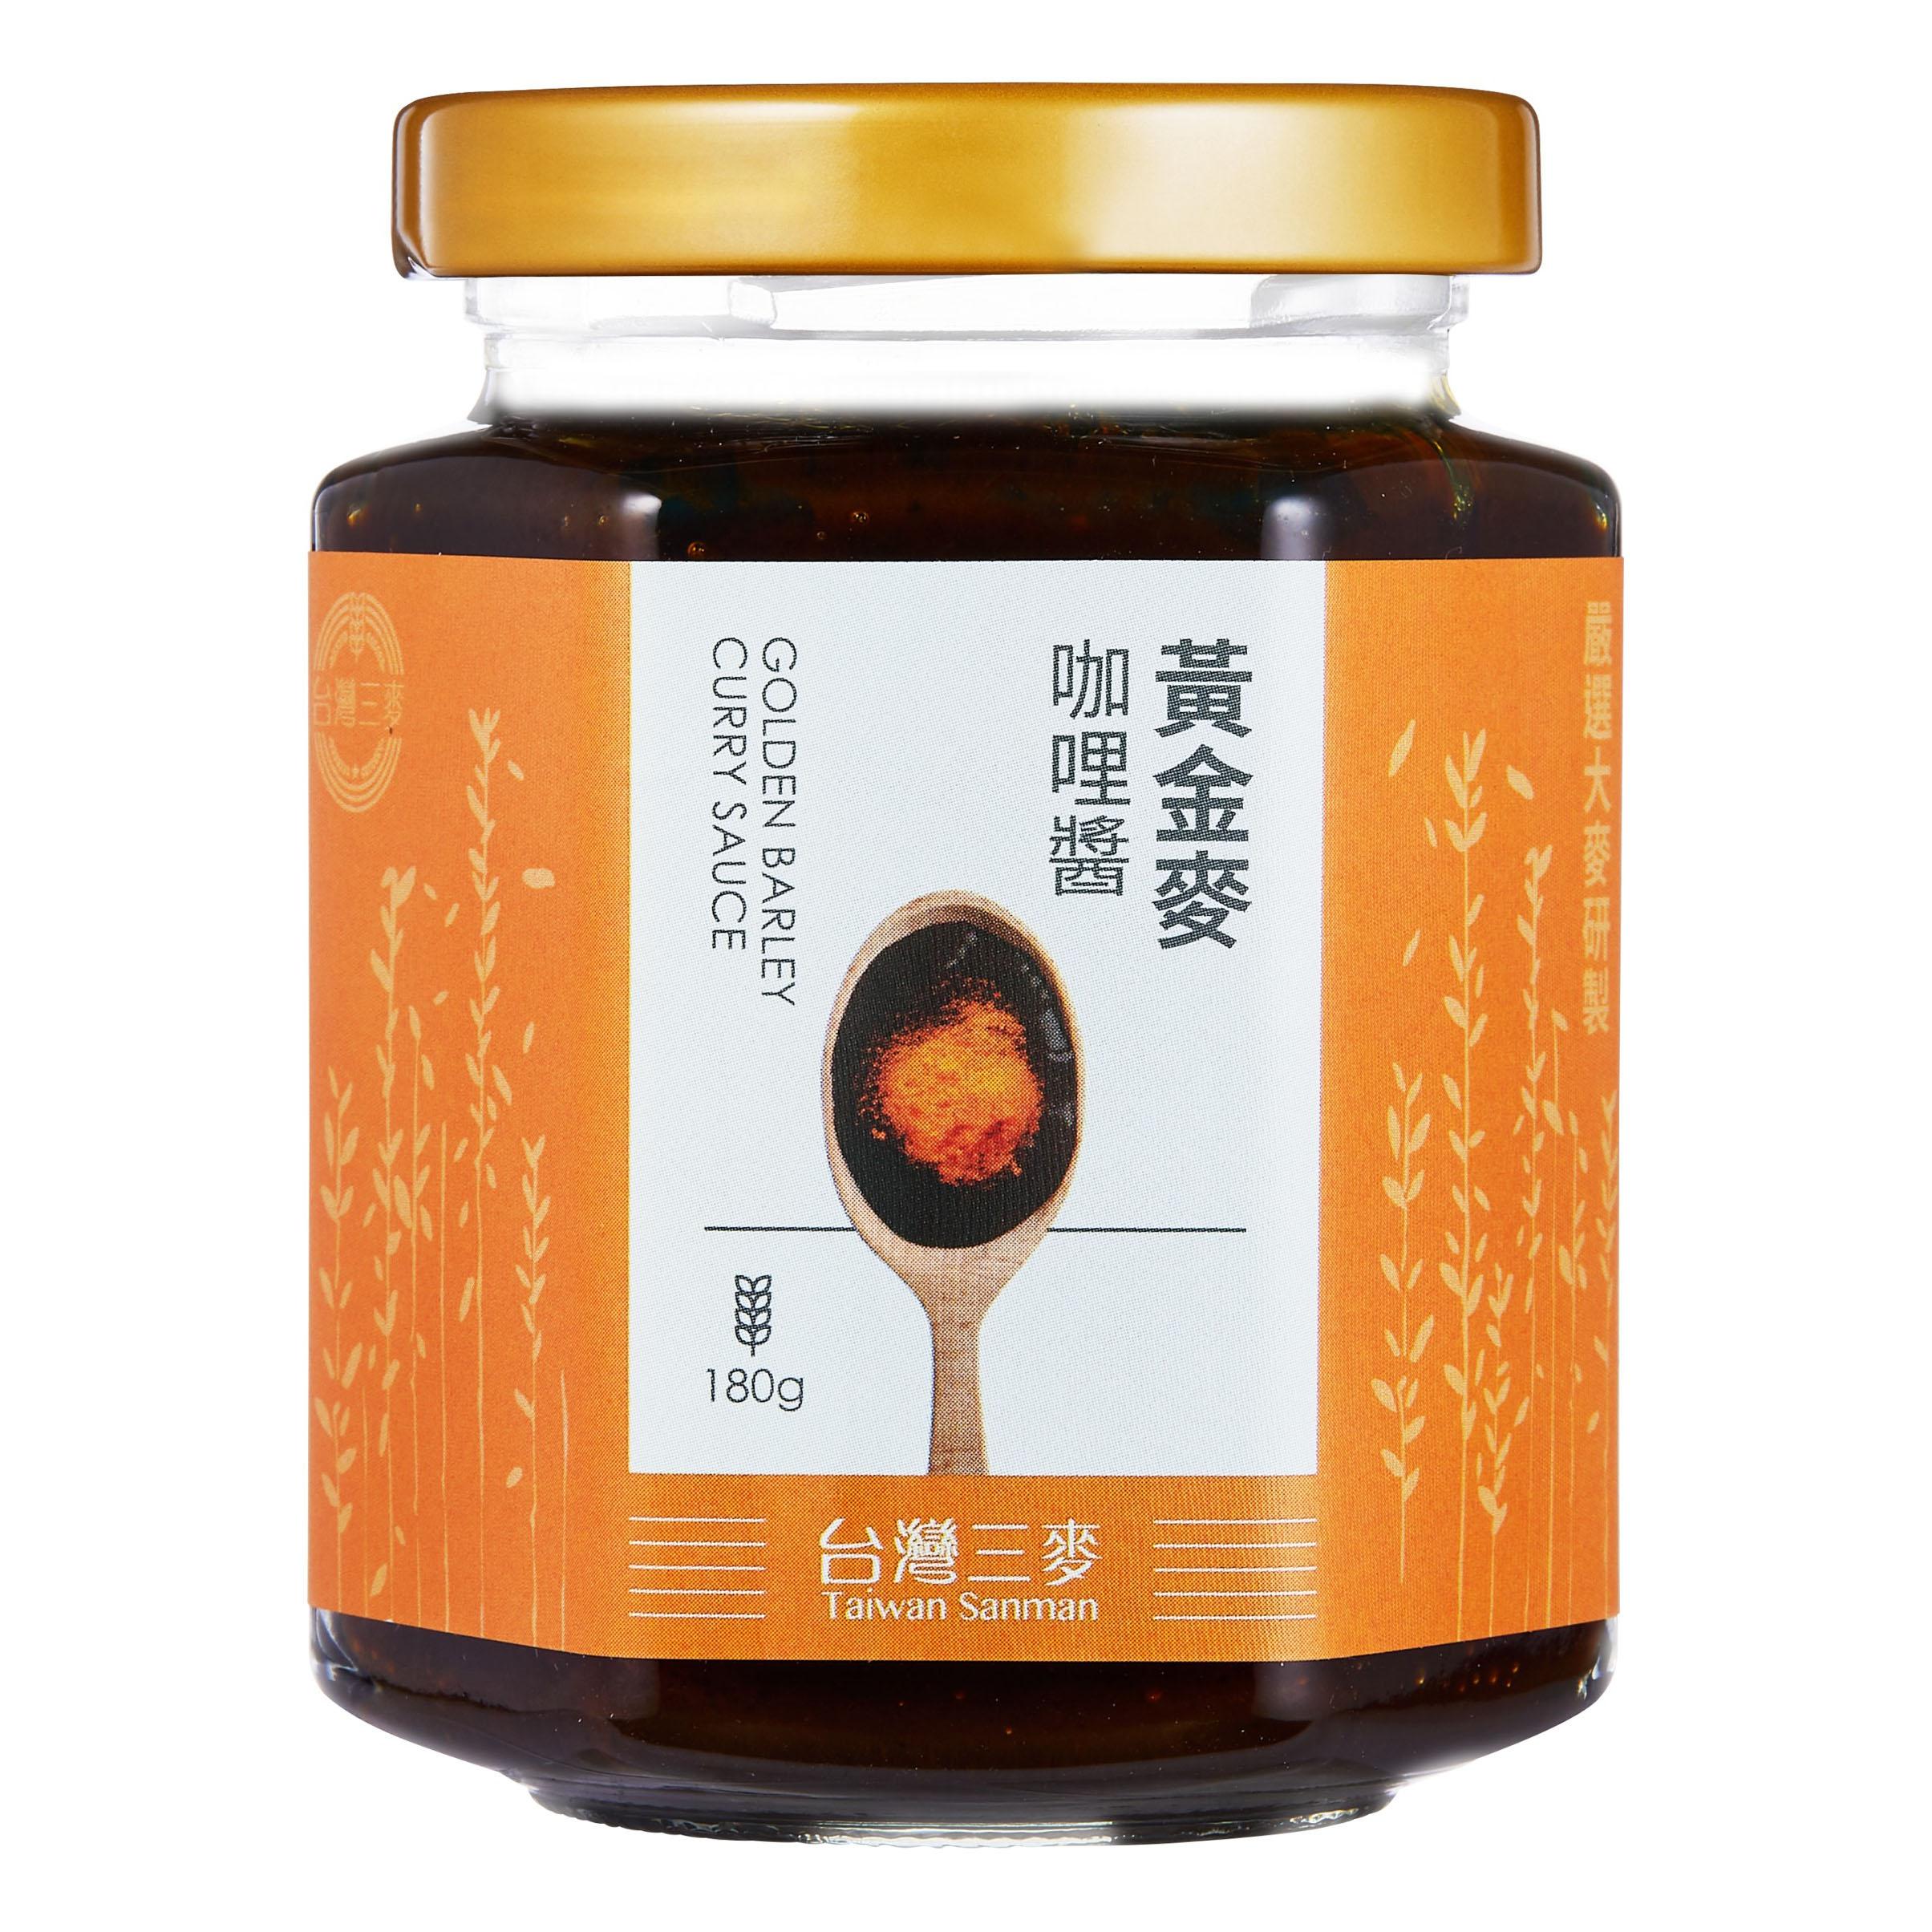 《台灣三麥》黃金麥咖哩醬 (180g/罐)